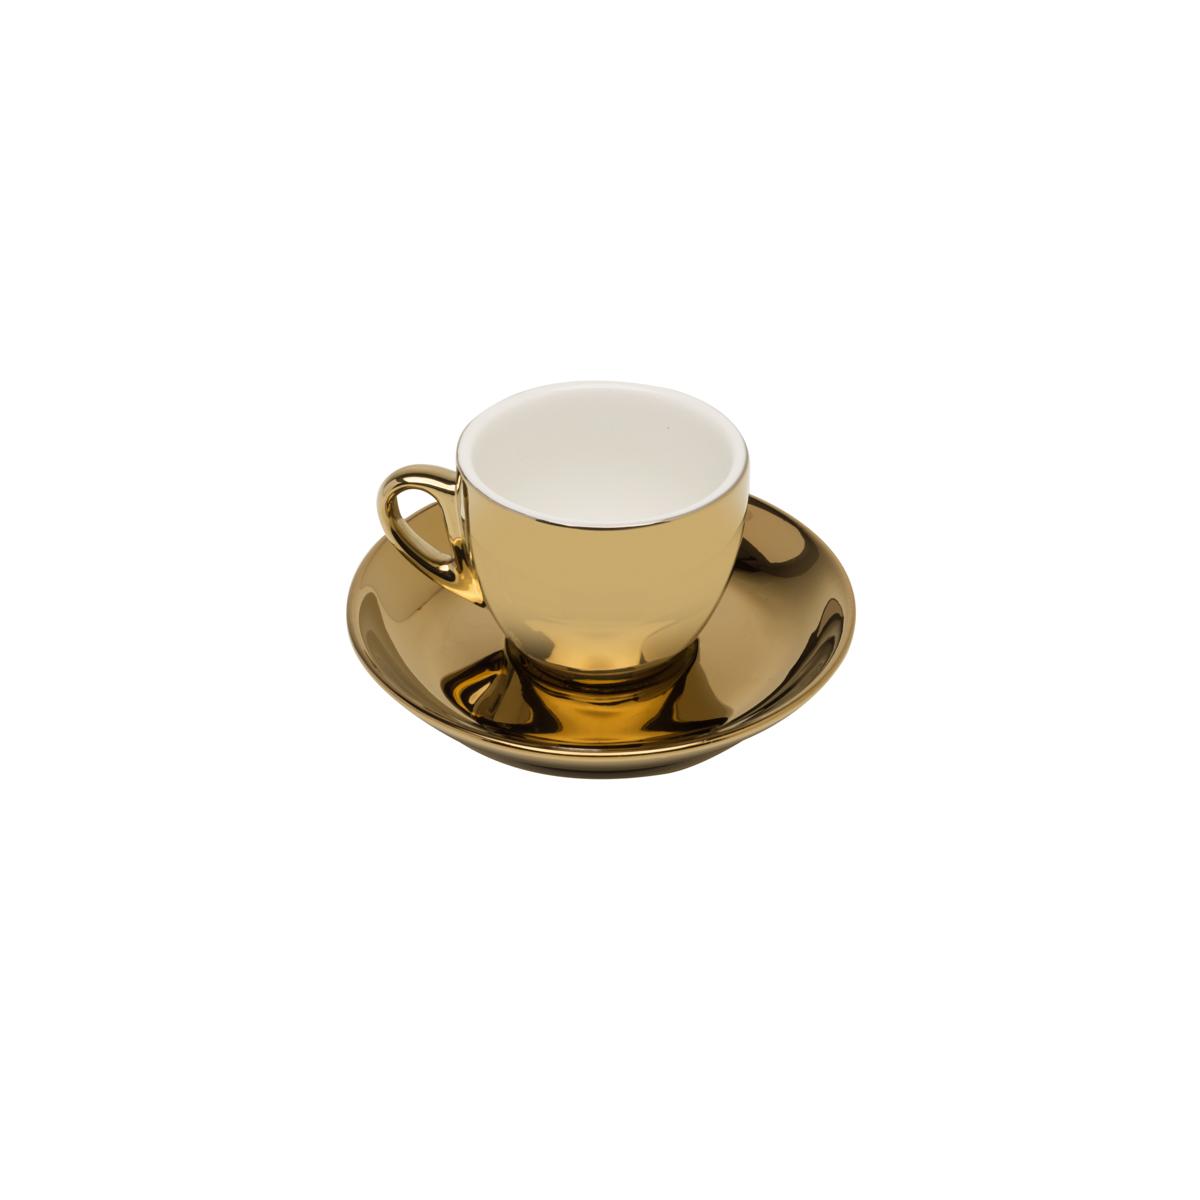 Conjunto 6 xícaras 90 ml para café de porcelana branca/dourado com pires Versa  Wolff - 17369